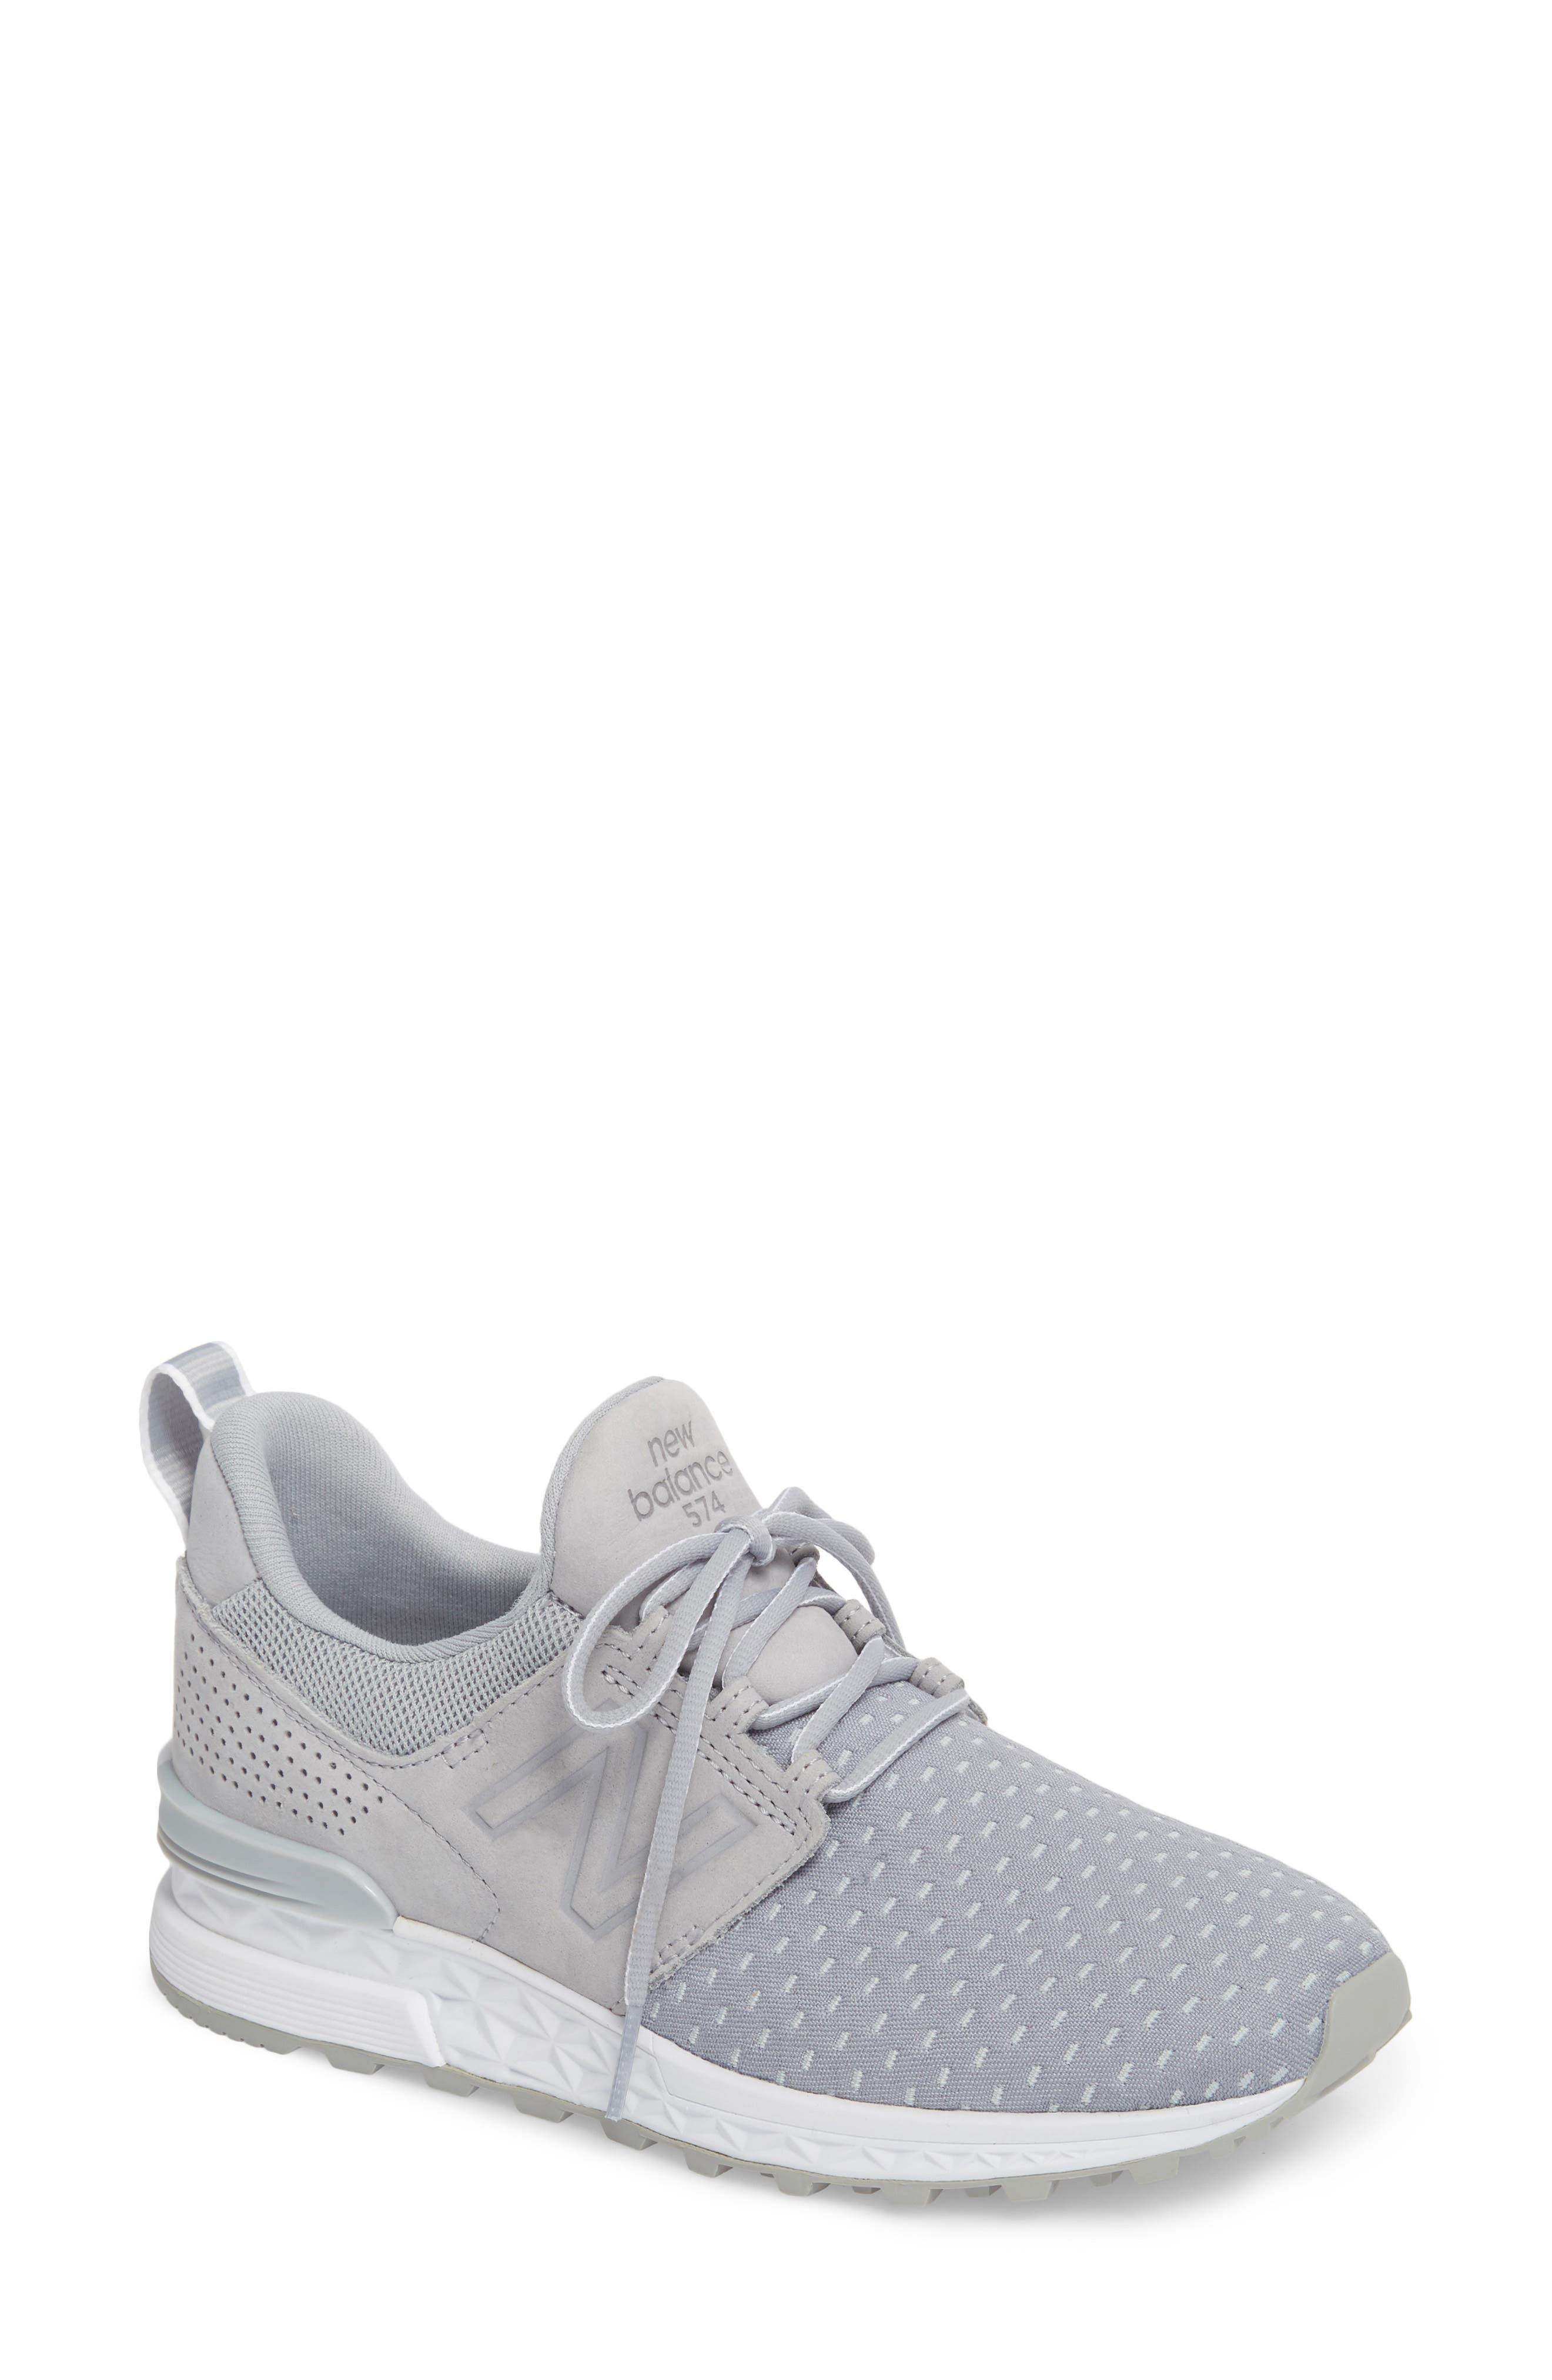 New Balance 574 Sport Decon Fresh Foam Sneaker (Women)